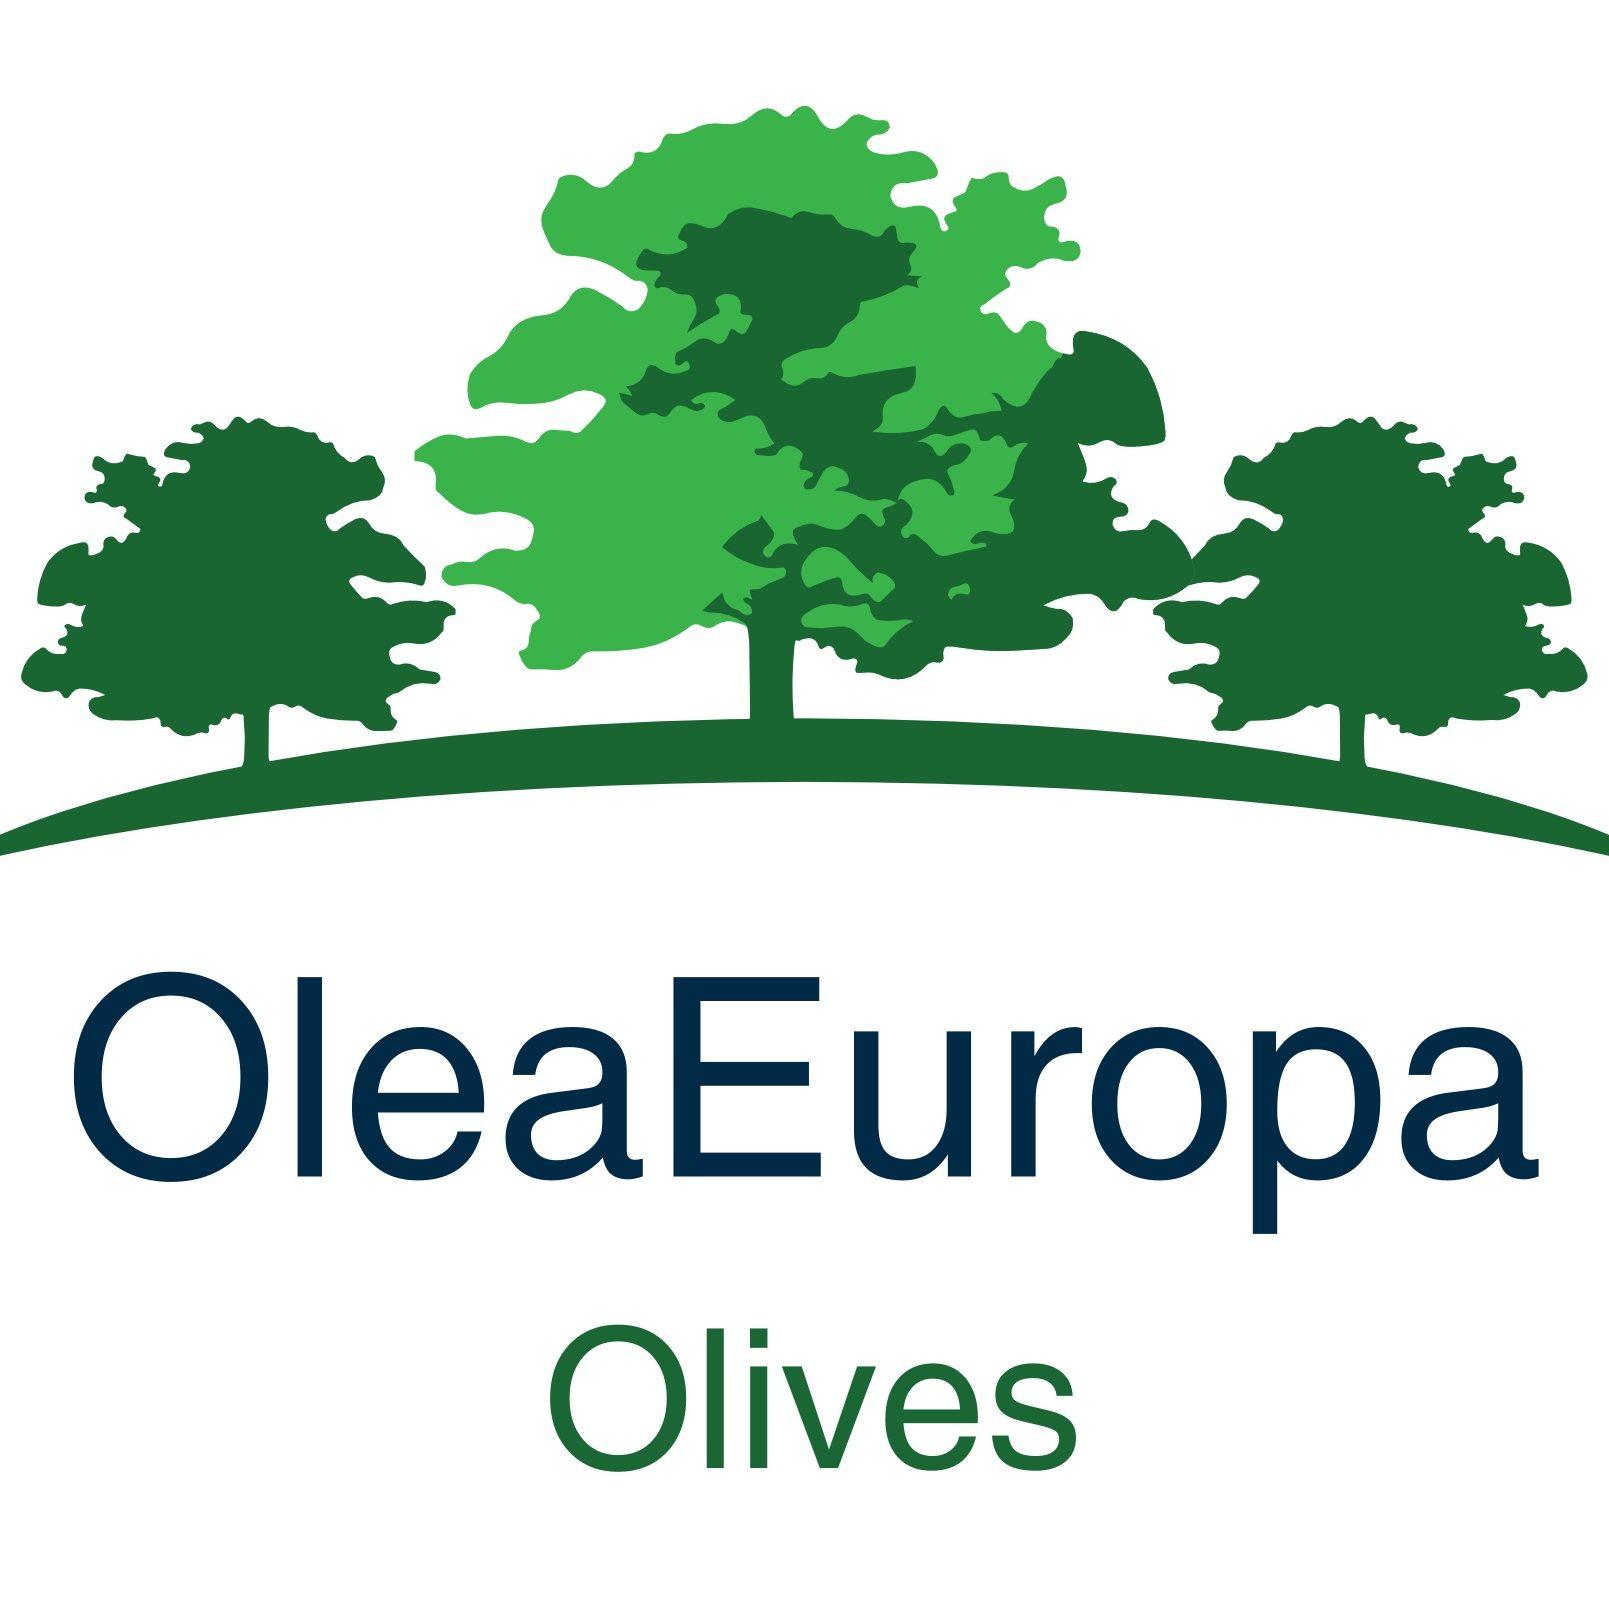 OLEA-EUROPA